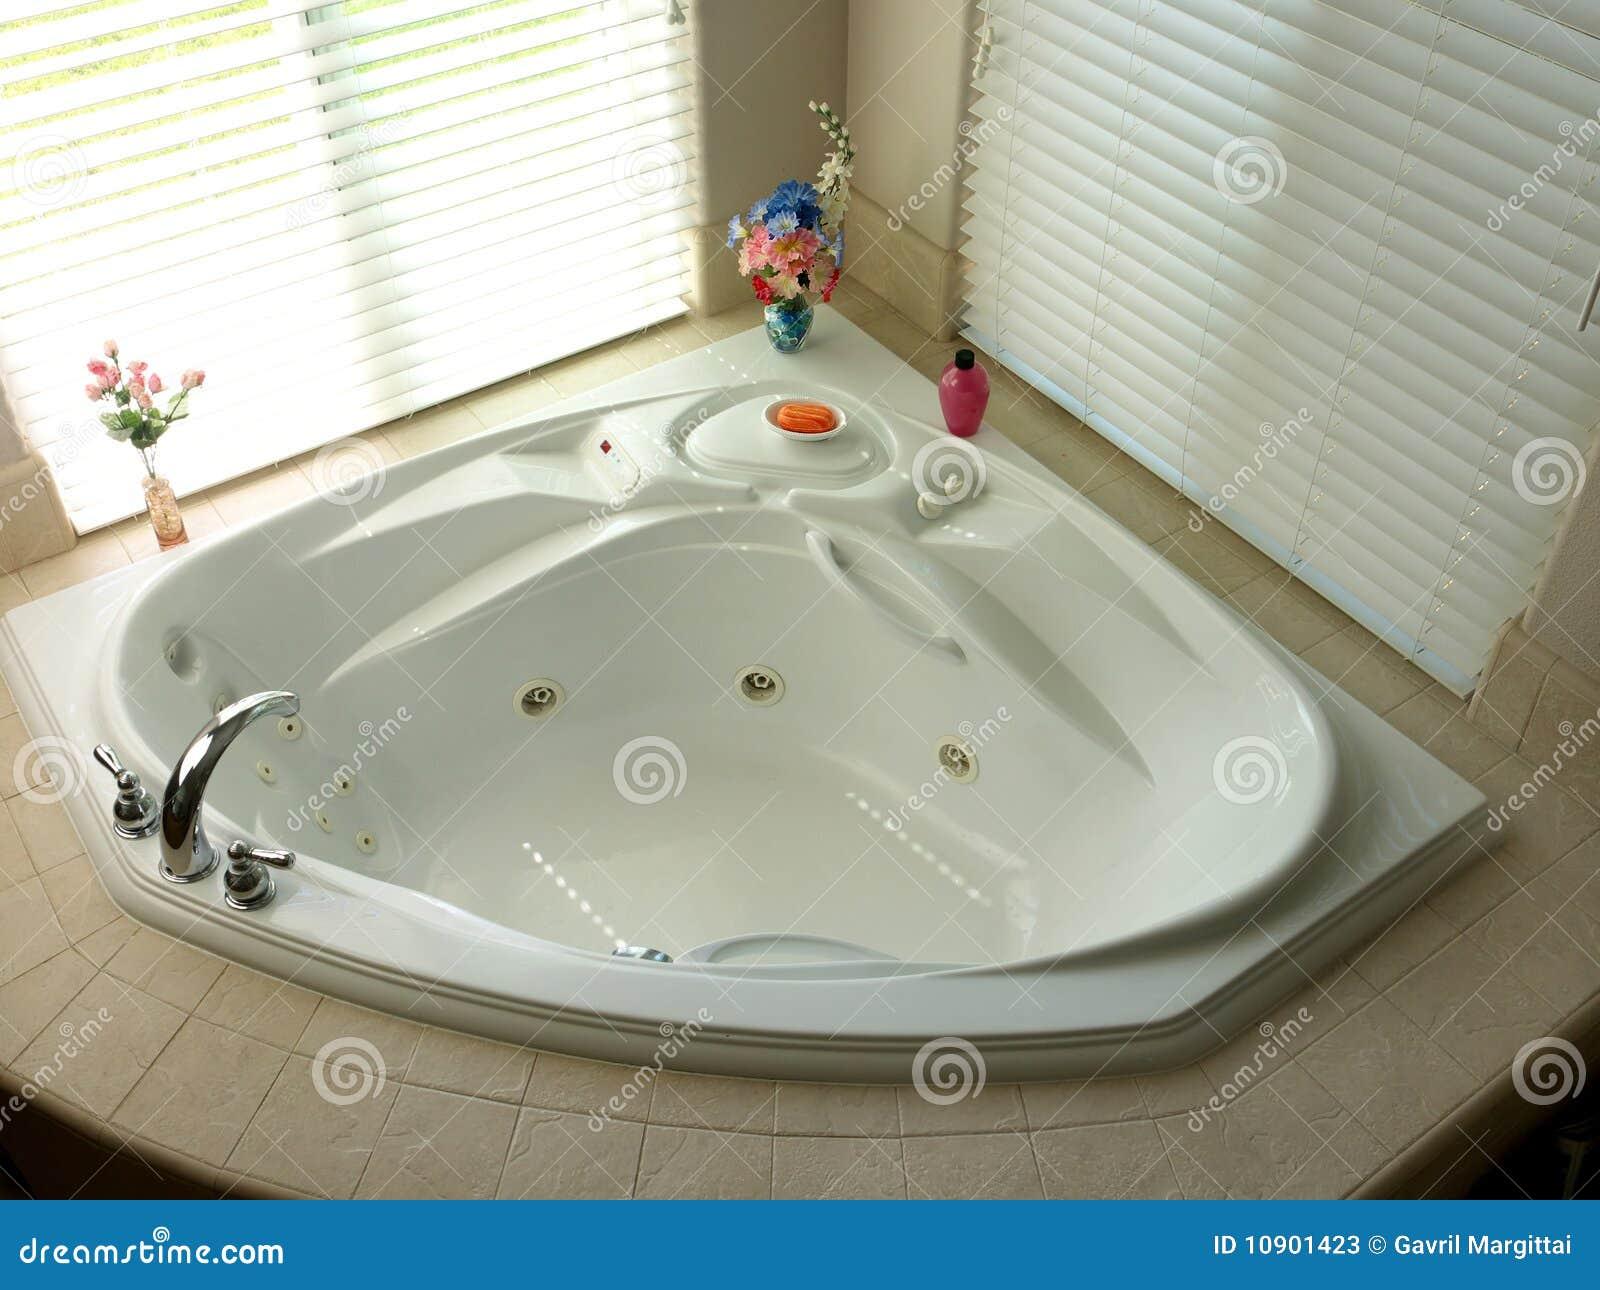 Canto Do Quarto Do Banho Com Banheira Moderna Fotos de Stock  Imagem 10901423 -> Fotos De Banheiro Com Banheira De Canto